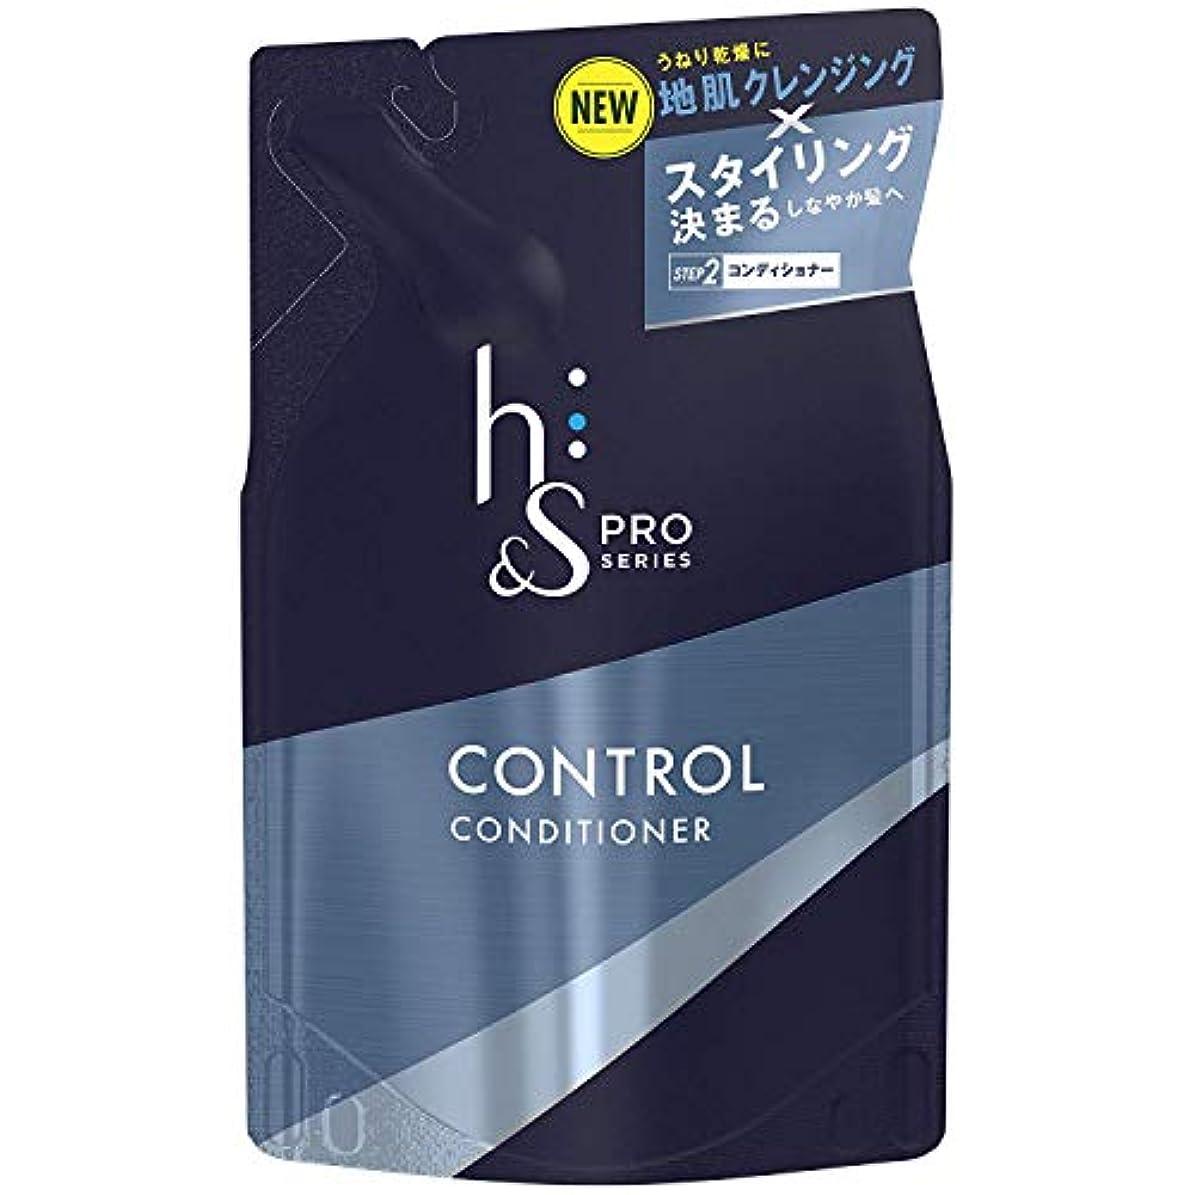 地理慢約設定【3個セット】h&s PRO (エイチアンドエス プロ) メンズ コンディショナー コントロール 詰め替え (スタイリング重視) 300g